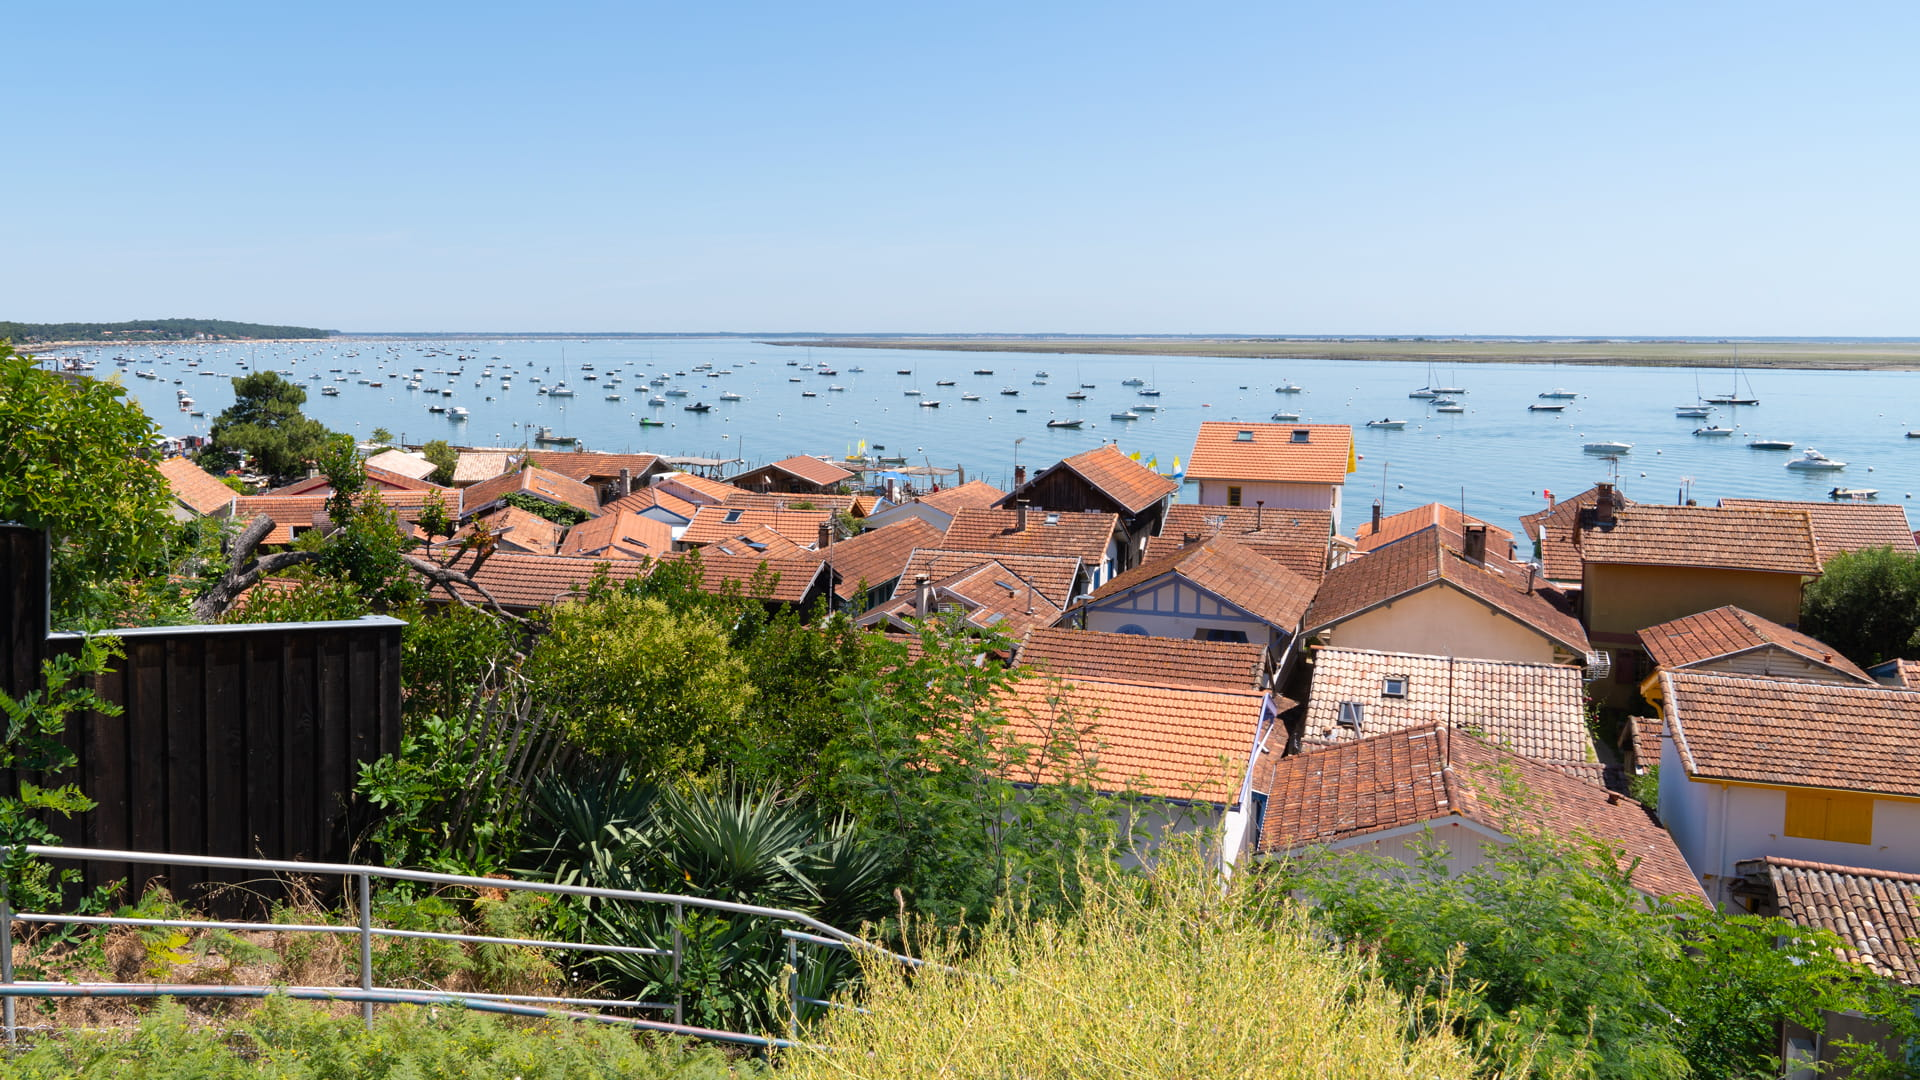 Visite des villages ostréicoles au Cap Ferret